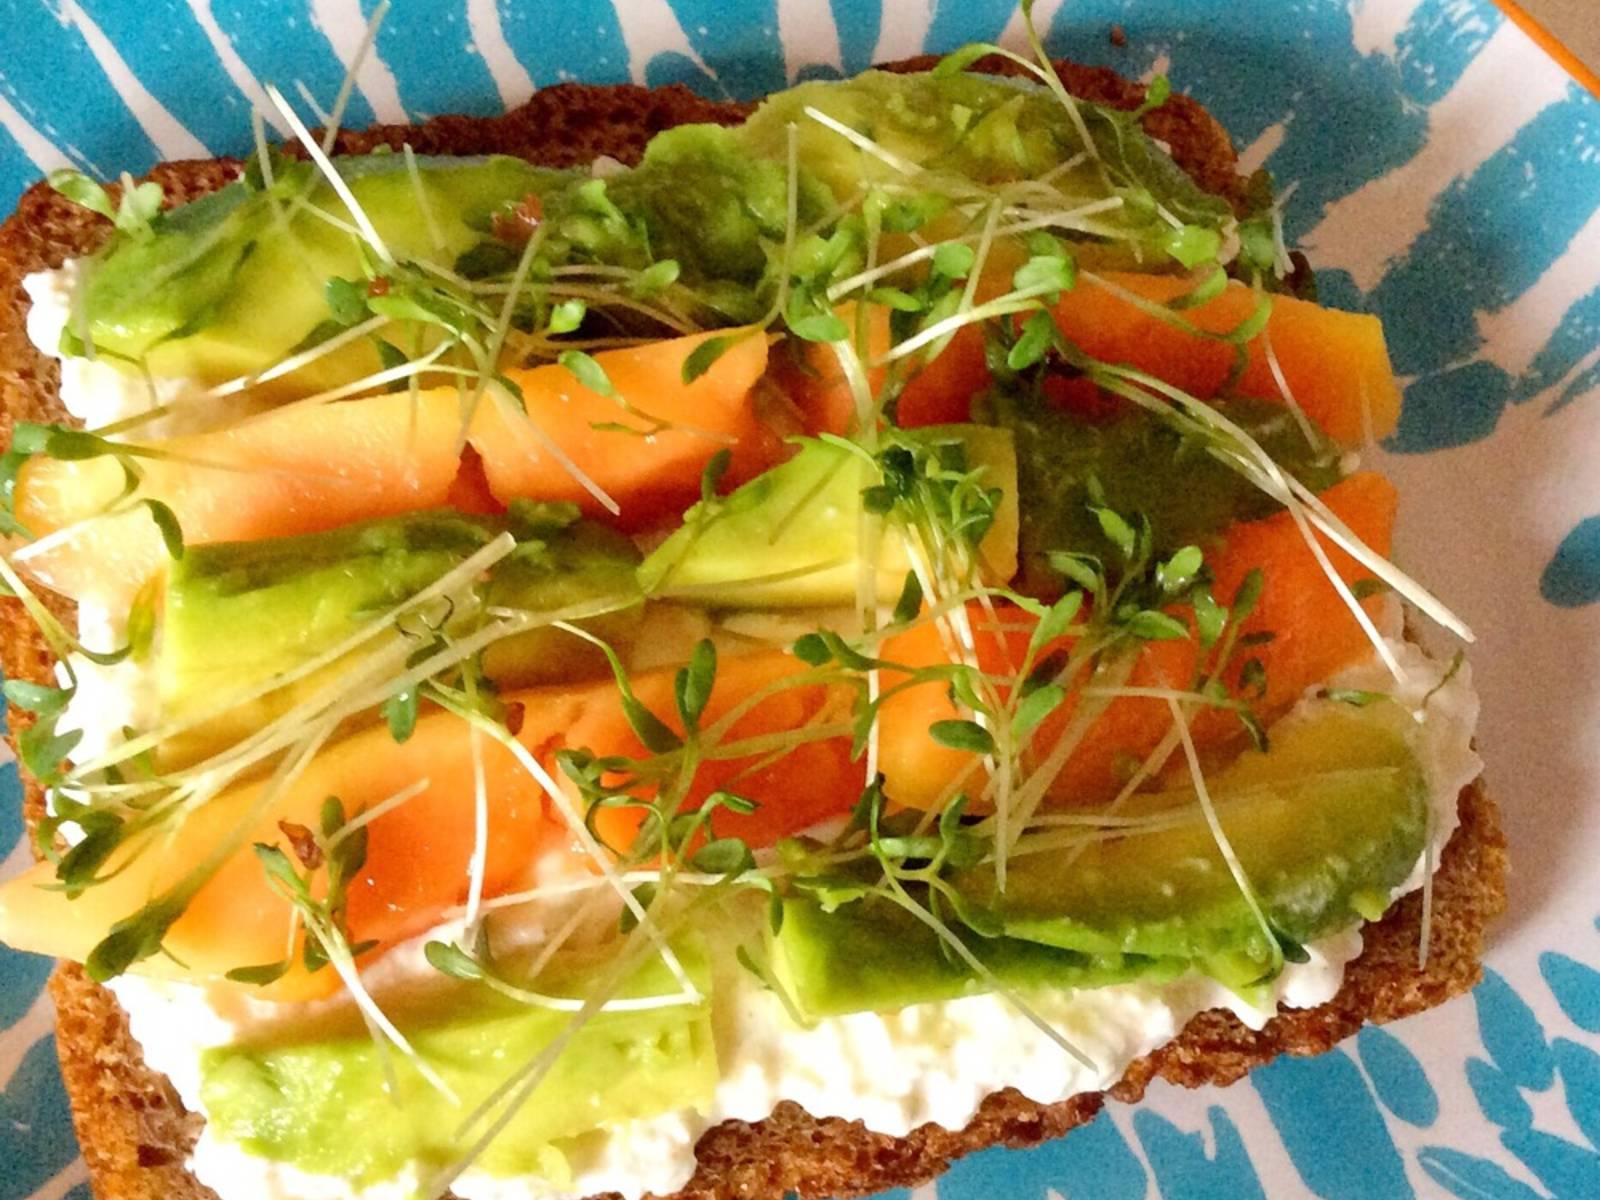 将农家芝士抹到两片面包上,往上摆木瓜片和牛油果片,佐以水芹,夹好三明治,然后尽情享用吧!